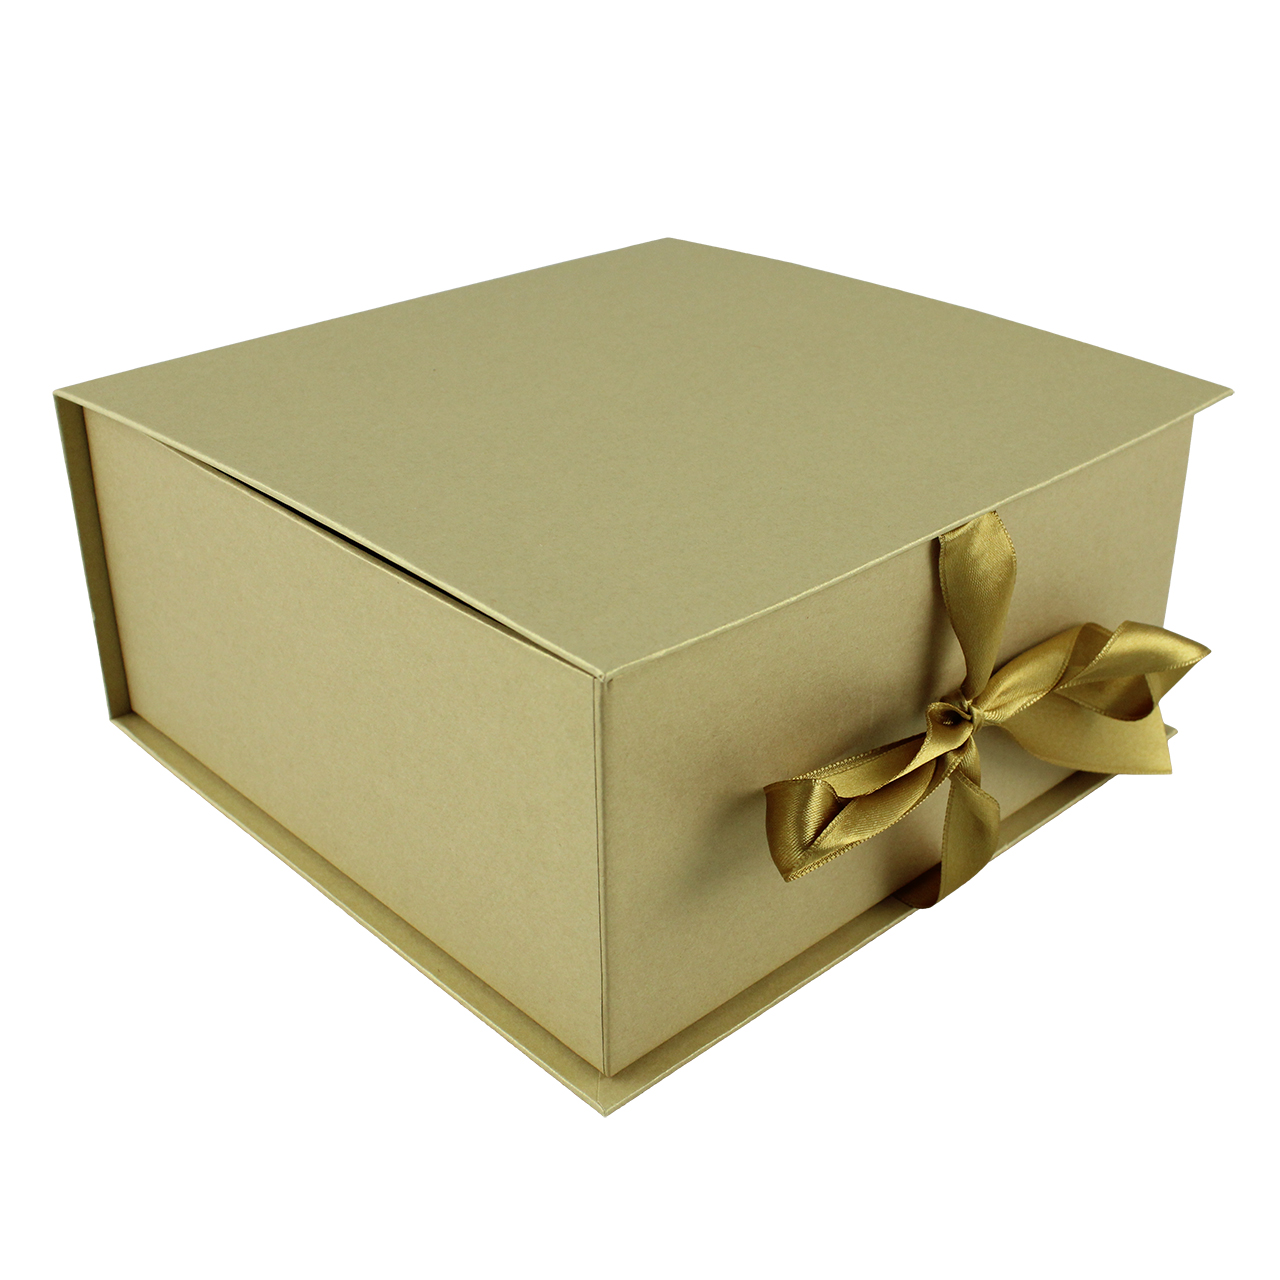 Cutie De Cadou Din Carton Auriu Si Funda Aurie